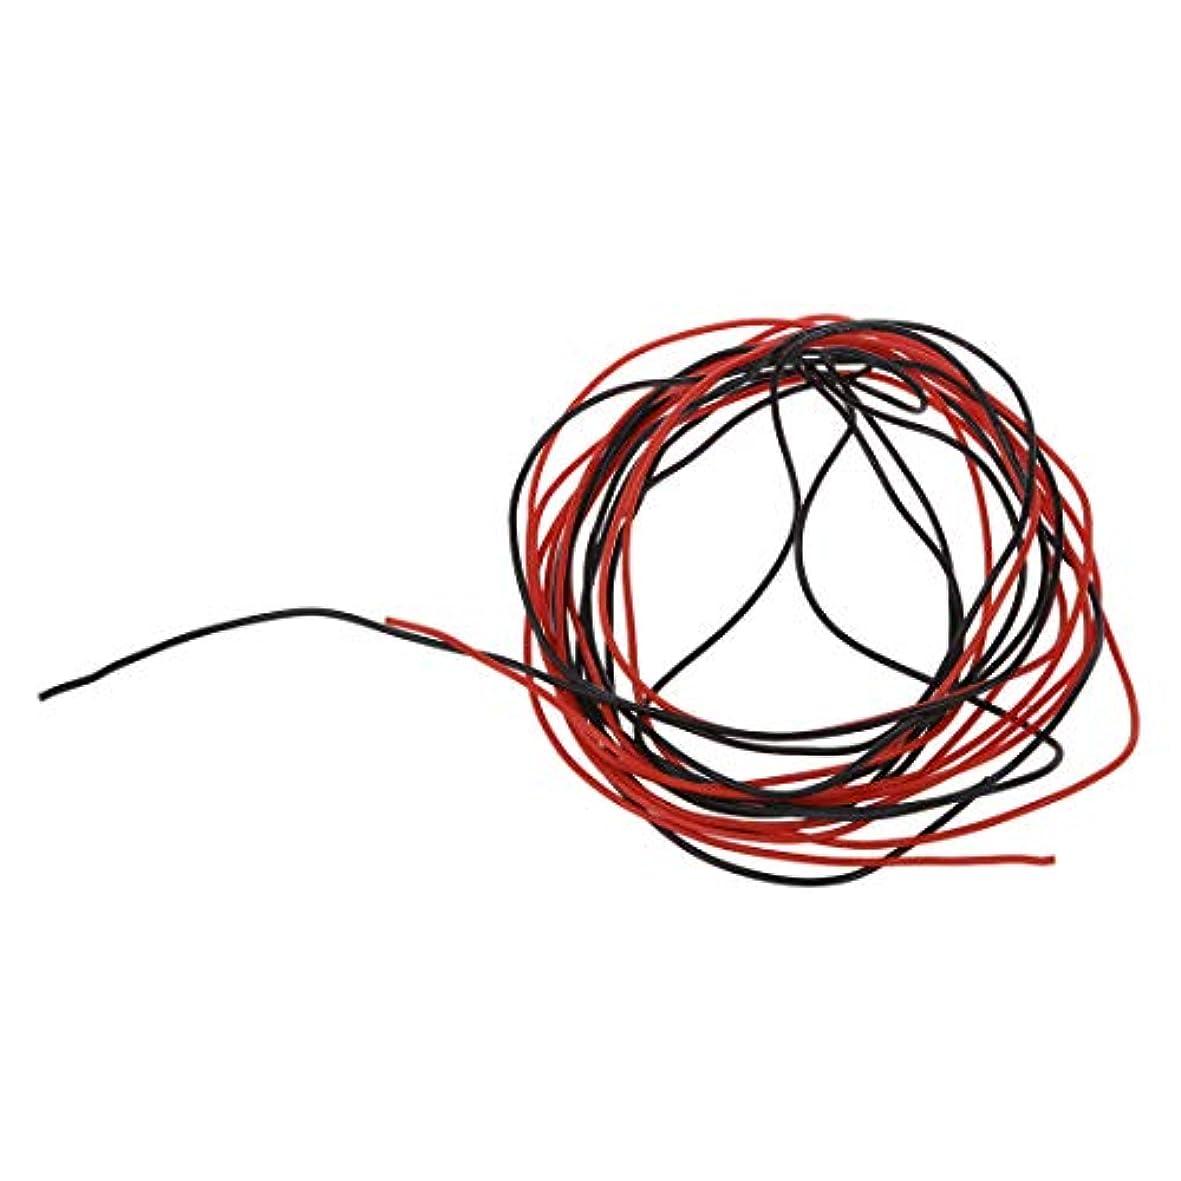 有用眩惑する経過RETYLY RETYLY(R)2x 22ゲージのAWGシリコーンゴム線ケーブル赤黒フレキシブル